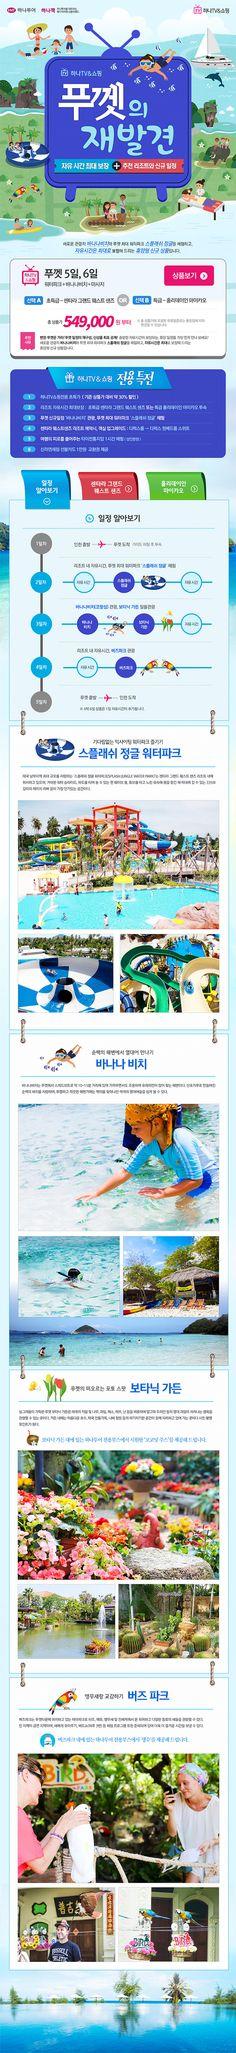 [기획전] 하나TV쇼핑 푸껫의 재발견 여행 기획전 : 네이버 블로그